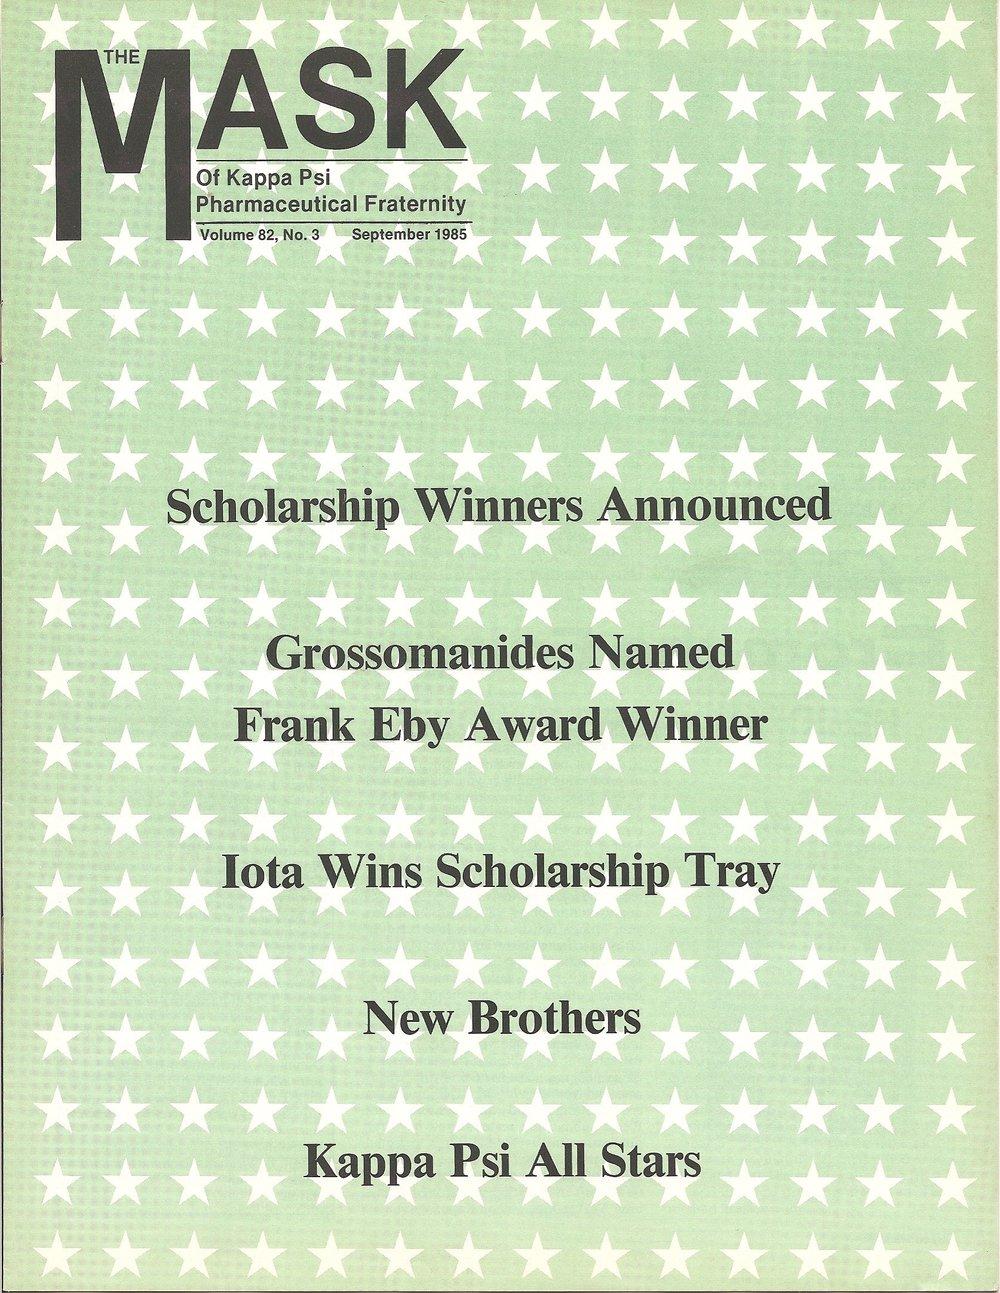 mask_cover_09_1985.jpg